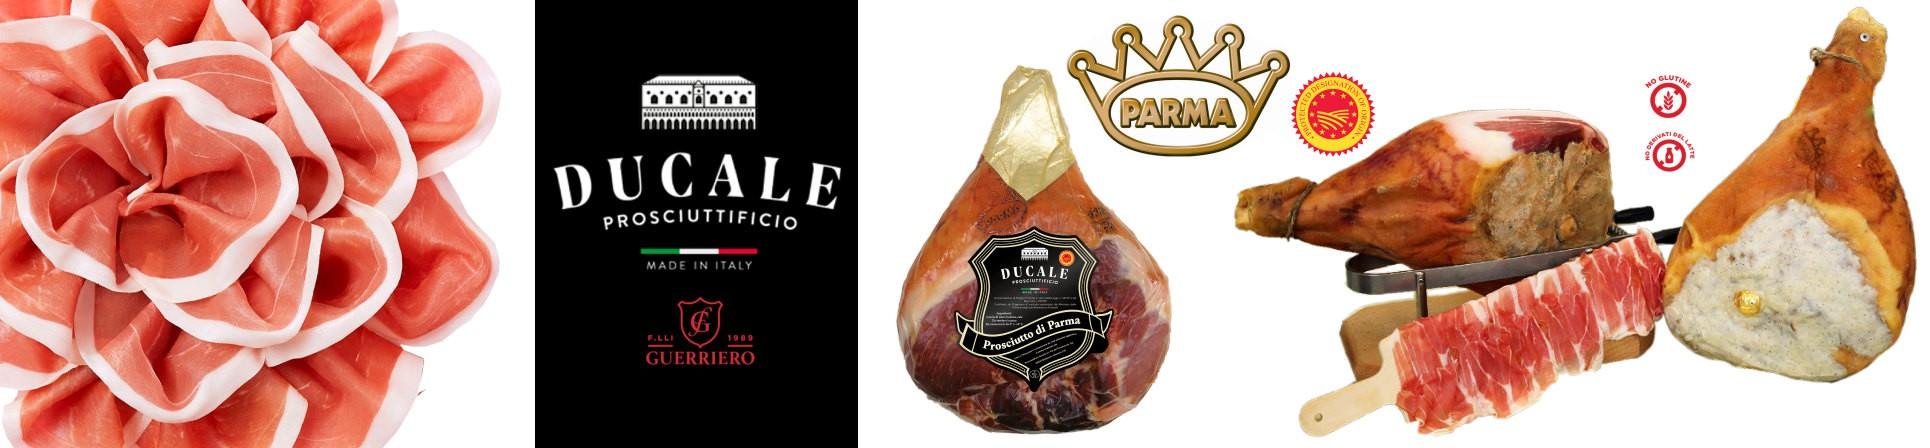 Vendita online Prosciutto di Parma DOP - Prosciuttificio Ducale